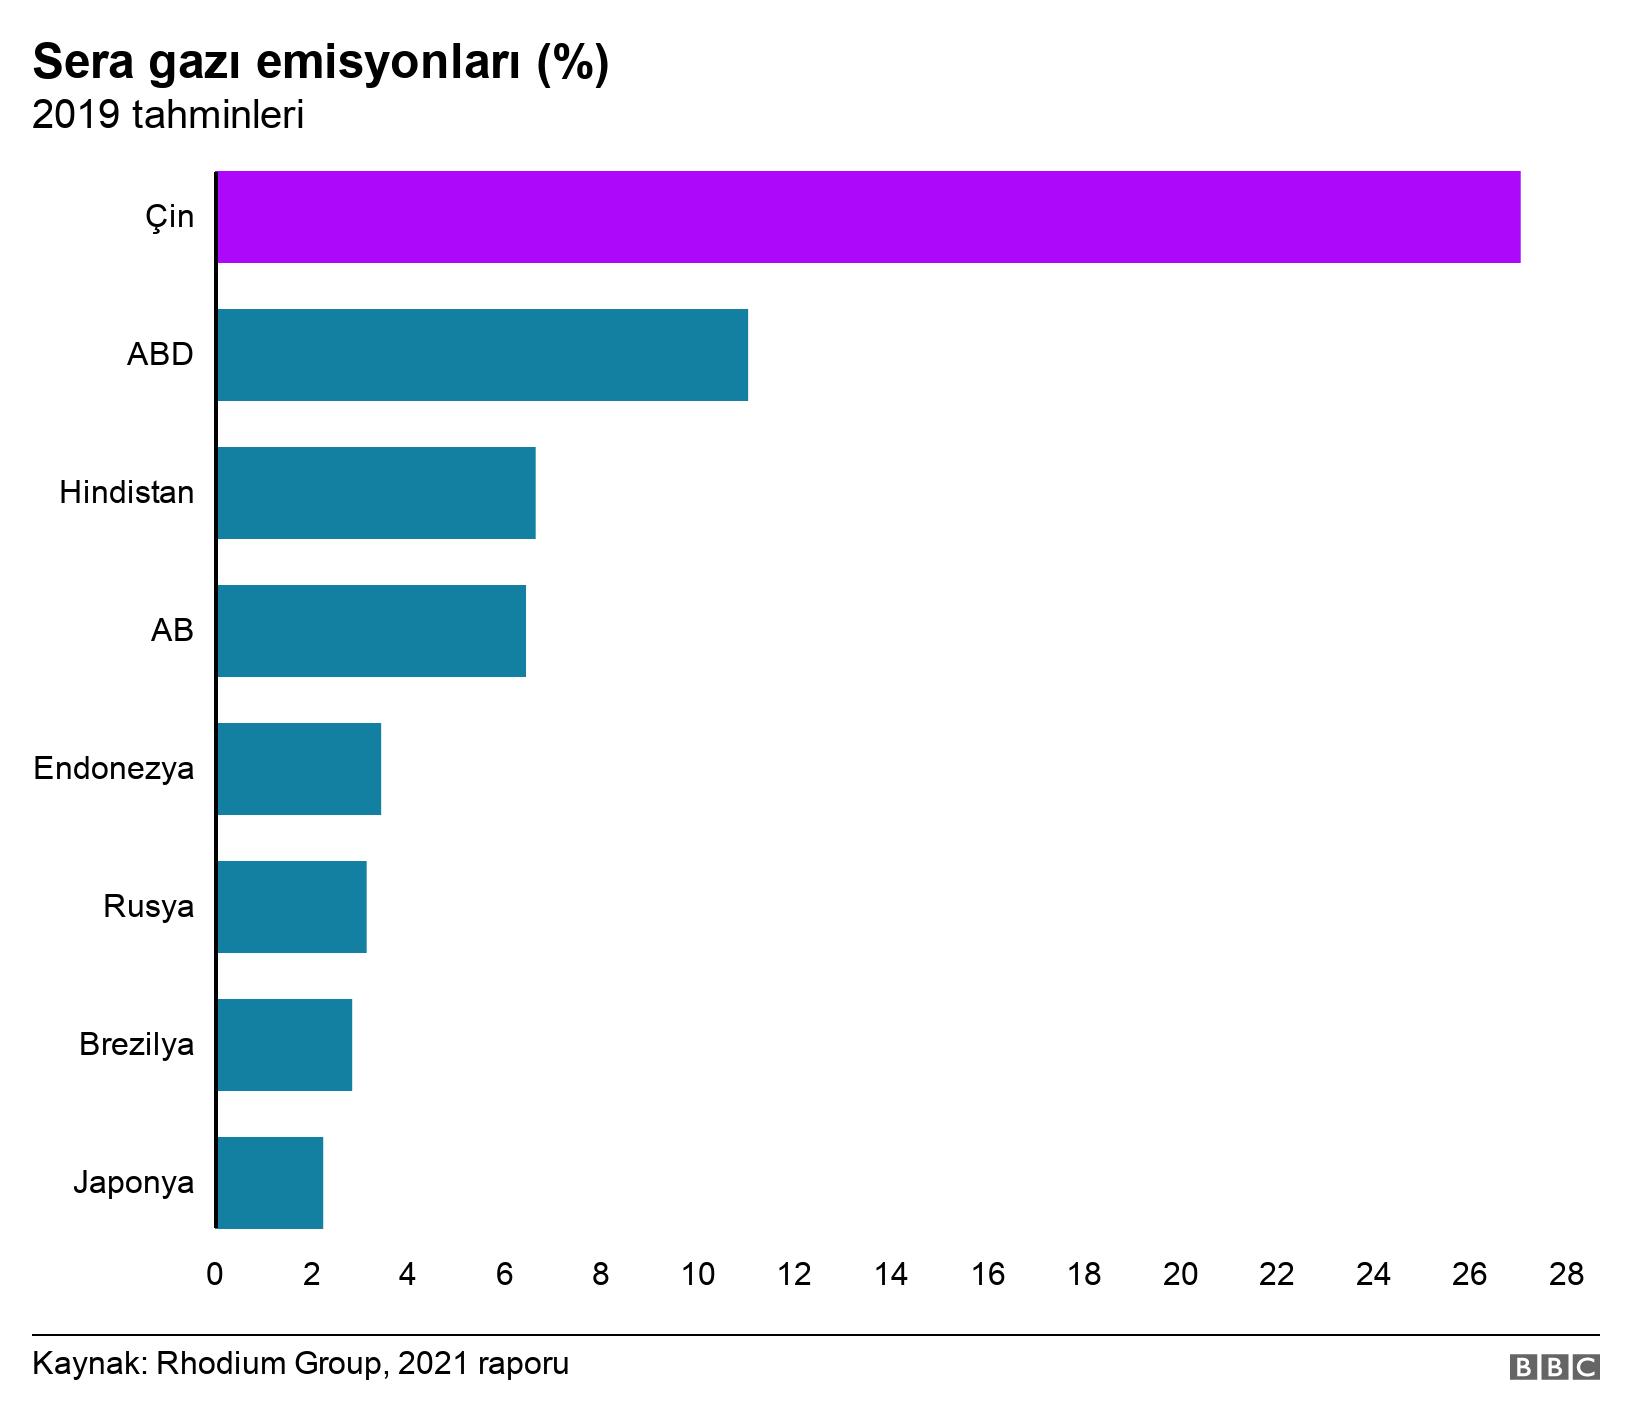 Sera gazı emisyonları (%). 2019 tahminleri. .